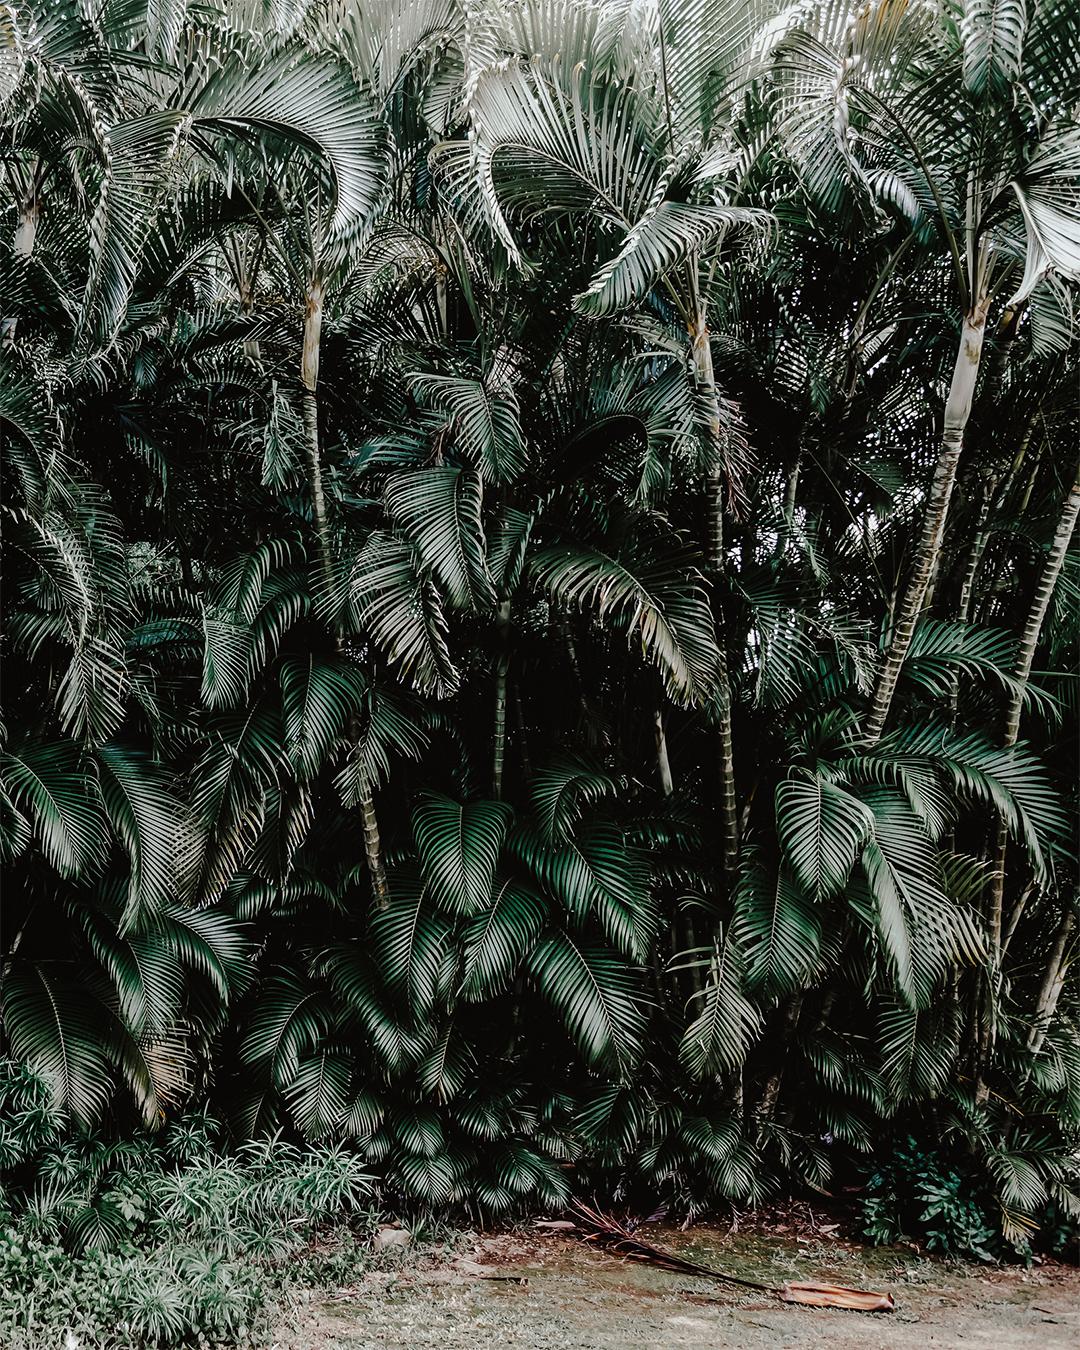 Poeten W.S. Merwin vigde sitt liv åt palmerna på Maui